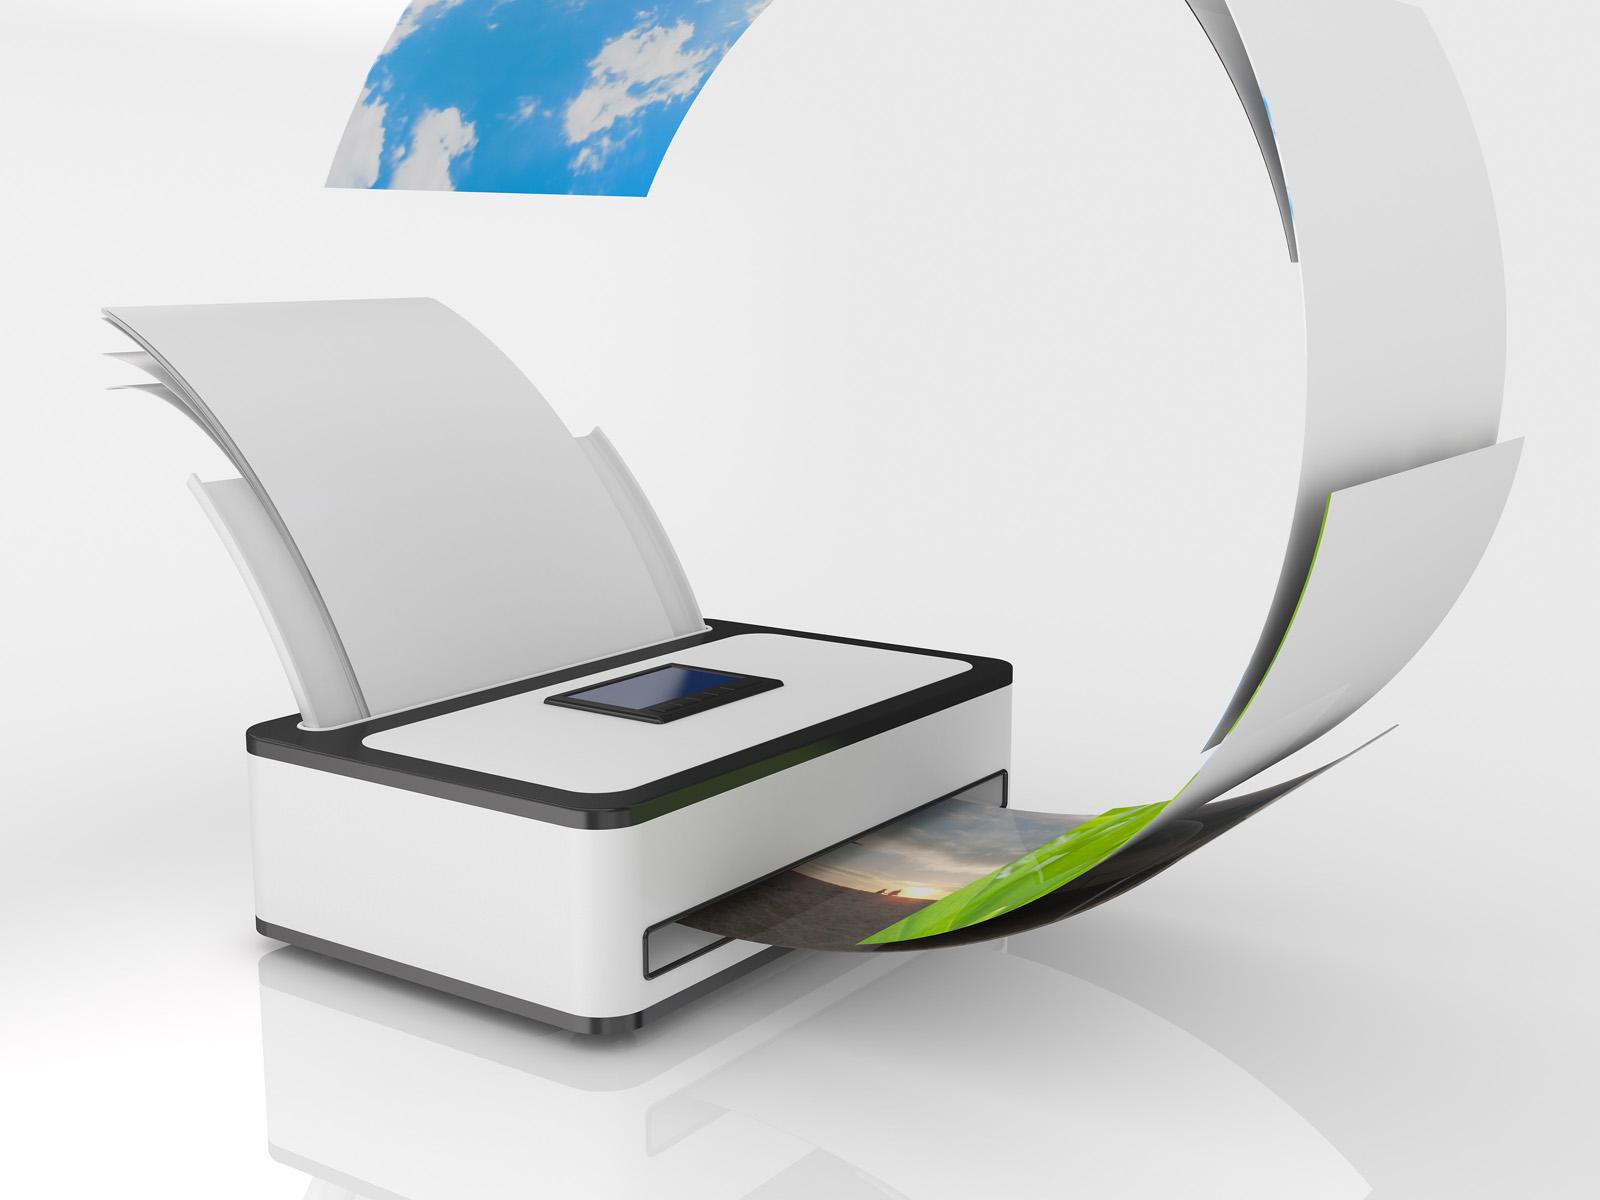 Kertas Art Paper Mendukung Berbagai Jenis Printer Epson dan Toner